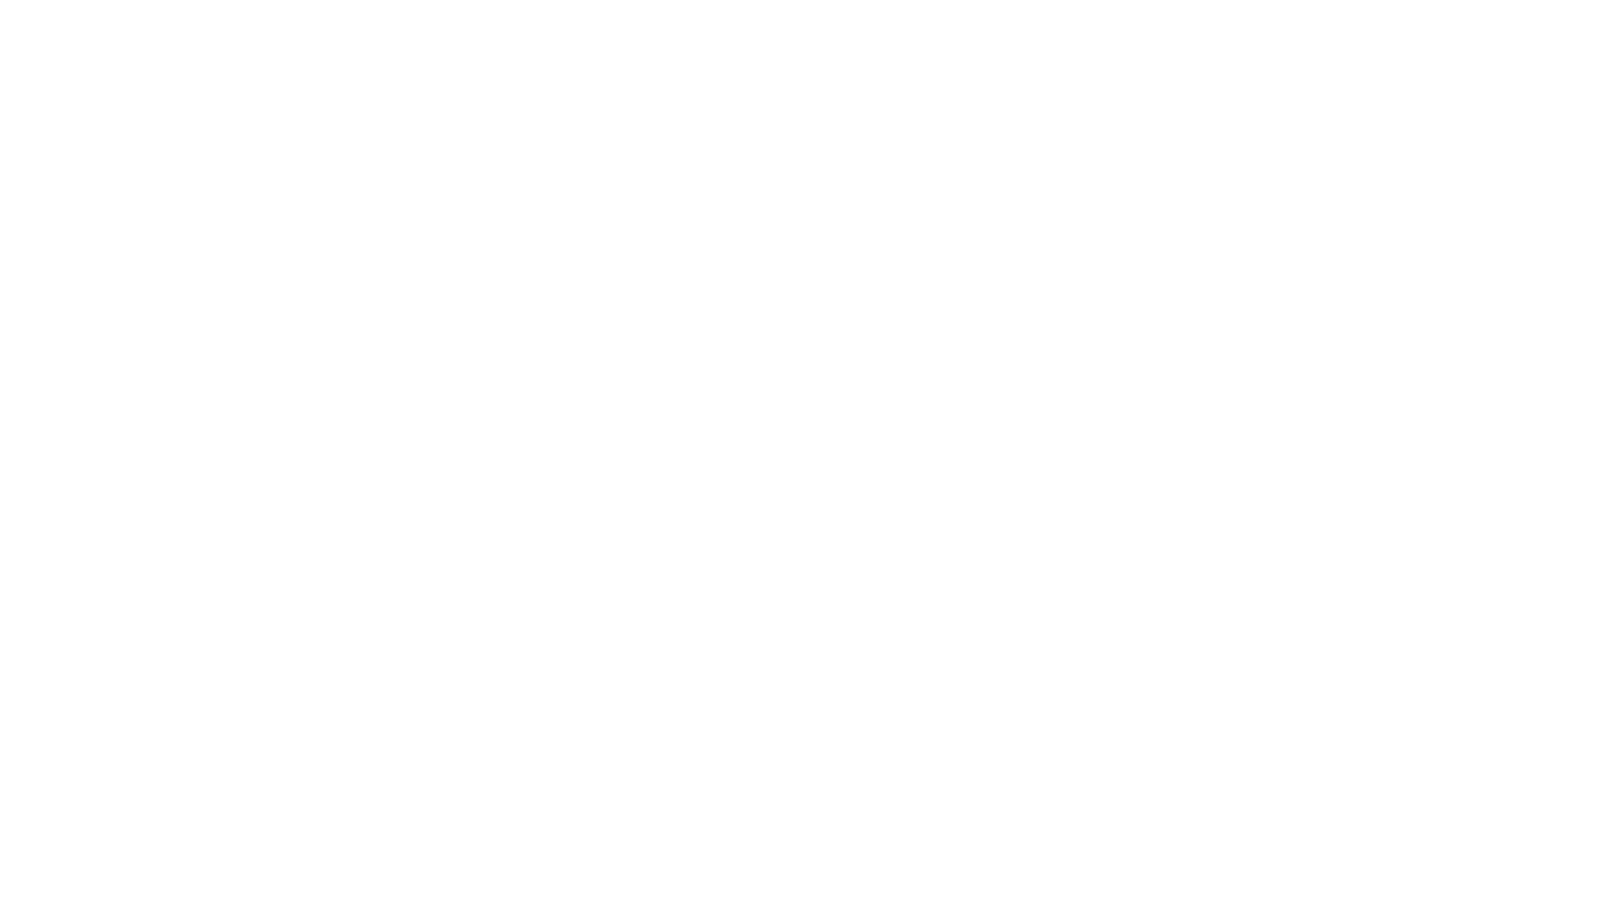 〜subtitles in 🇫🇷🇺🇸🇯🇵French/English/Japanese〜 2nd video of this series ! From Dogo(Hot spring town!!), Matsuyama city.  The most famous & oldest Onsen in Japan !! ^^ I share with you the view & atmosphere of the entrance of Dogo talking about the location, history, culture, etc. Have a nice visit with this relaxing time 💖💖  ✴︎ABOUT✴︎ Hello, I'm Ayaka. Local Japanese Une Tokyoite🌟 This spring, I moved from Tokyo to Shikoku Island in southern Japan, popular among Japanese (it's like the Mediterranean islands of Japan) but still unrecognized by foreign tourists. I started to discover this island little by little! In this series, I will share with you the beautiful landscapes of Shikoku by talking about Japanese life, culture, style and opinions, etc, which will be interesting for you !! Also, I write in French, English and Japanese so you can study Japanese as well !! Talking about interesting things, our memories and daily life, let's enjoy the video together !! 😃  Bonjour ! C'est Ayaka, Japonaise locale Une Tokyoite !! Ce printemps, j'ai déménagé de Tokyo à l'ile de Shikoku, dans le sud du Japon, populaire parmi les Japonais (c'est comme les îles sur Méditerranée du Japon) mais encore méconnu pour les tourists étrangers. J'ai commencé à découvrir cette île petit à petit ! Dans cette série, je vous partagerai les beaux paysages de Shikoku en parlant la vie japonaise, culture, style et avis, etc, qui seront intéressants pour vous !! En plus, je vais écrire sous-titre français, anglais et japonais aussi pour que vous puissiez apprendre le japonais en même temps !  Découvrons ensemble cette île, parlons des choses intéressantes, amusons ensemble !! 😄